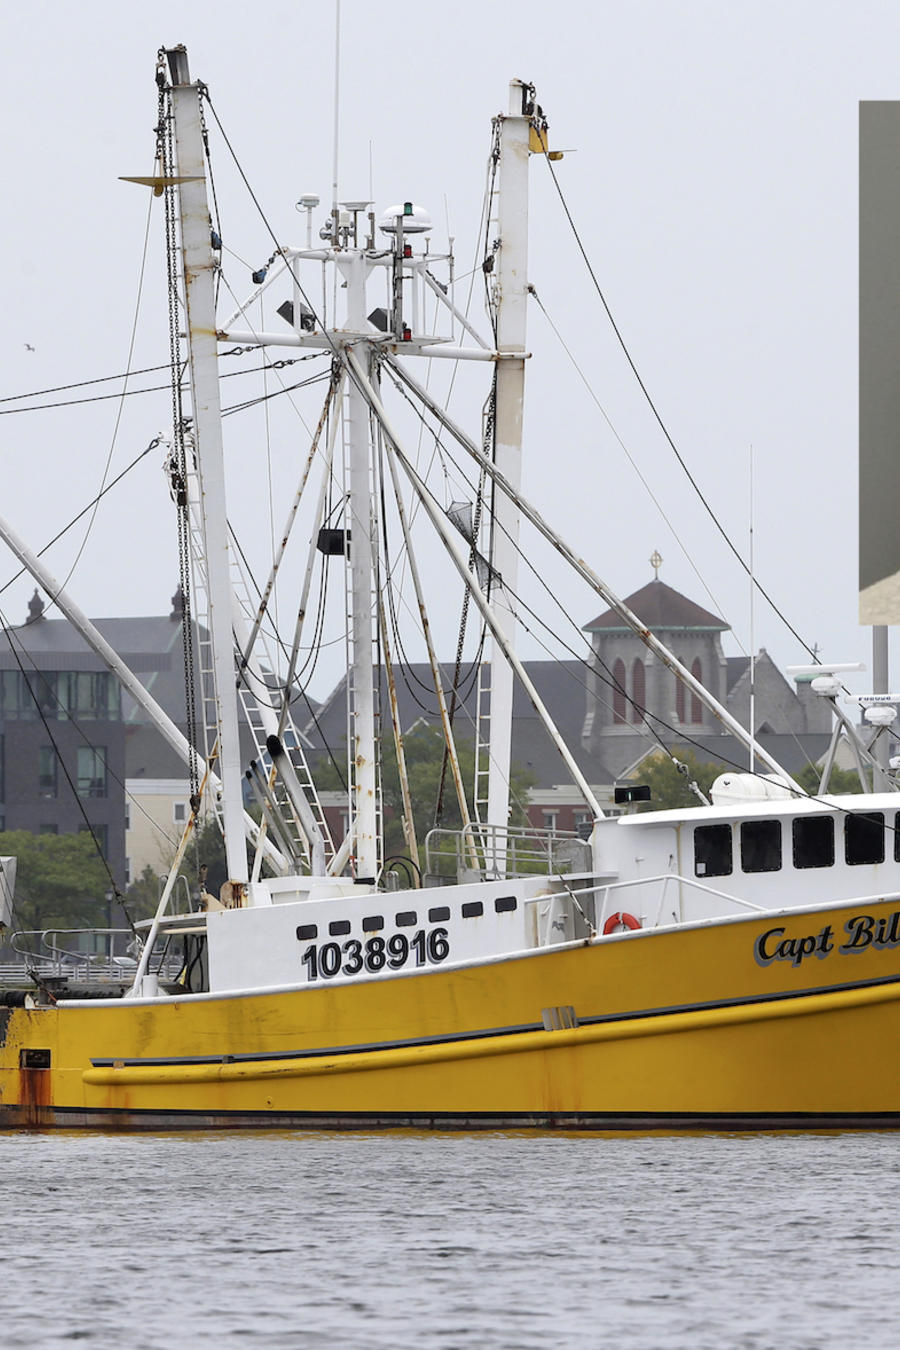 El pesquero Captain Billy Haver amarrado en Boston este martes. A la derecha, foto del sospechoso del ataque.